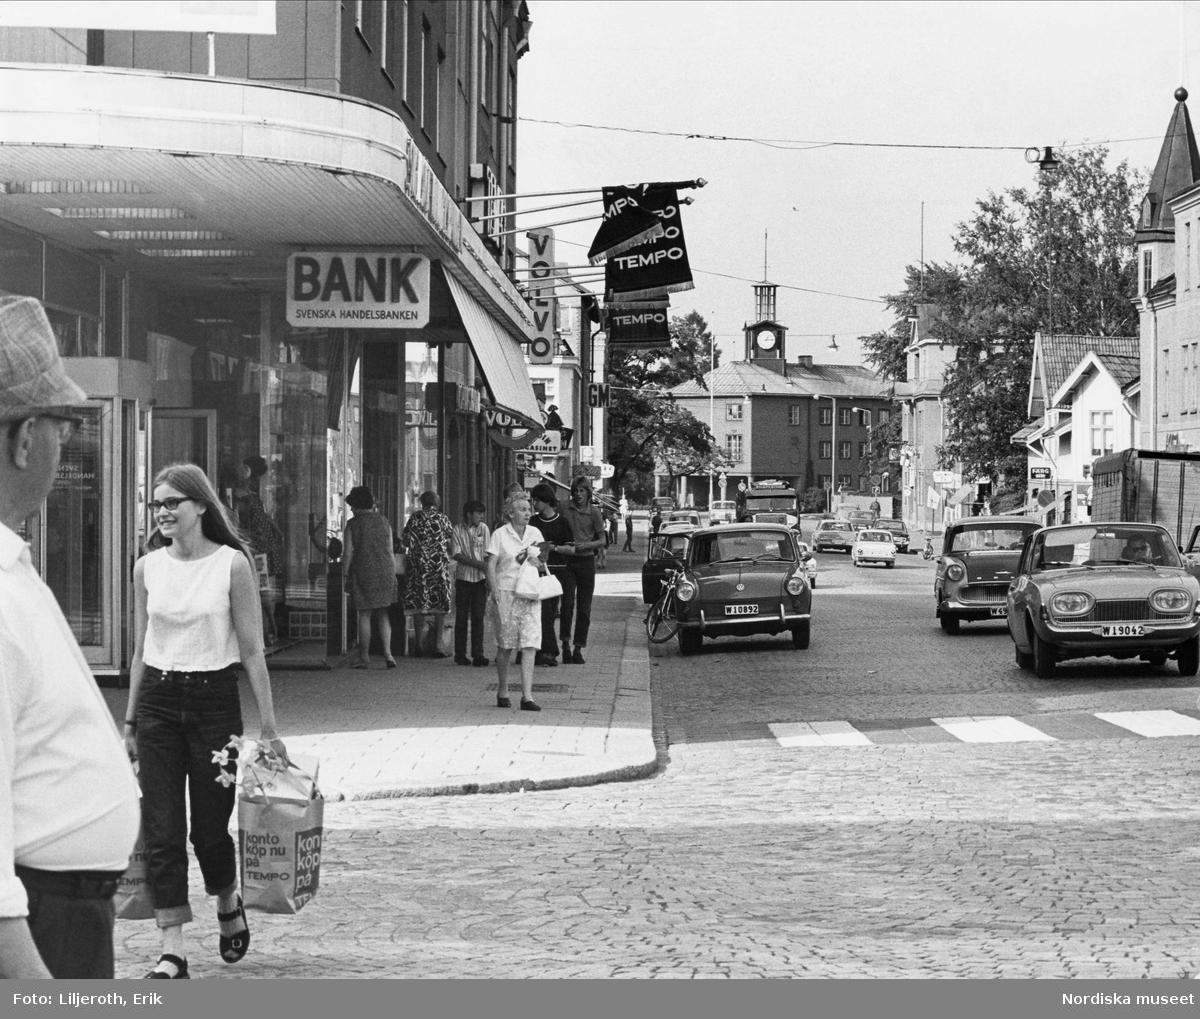 Storgatan i Ludvika centrum, fotgängare och bilar. Handelsbanken, Tempo, Volvo. Längst bort i bild skymtar Ludvika stadshus, som stod färdigt 1937. Huset är ritat av Cyrillus Johansson, stadsarkitekt i Ludvika 1931-1941.